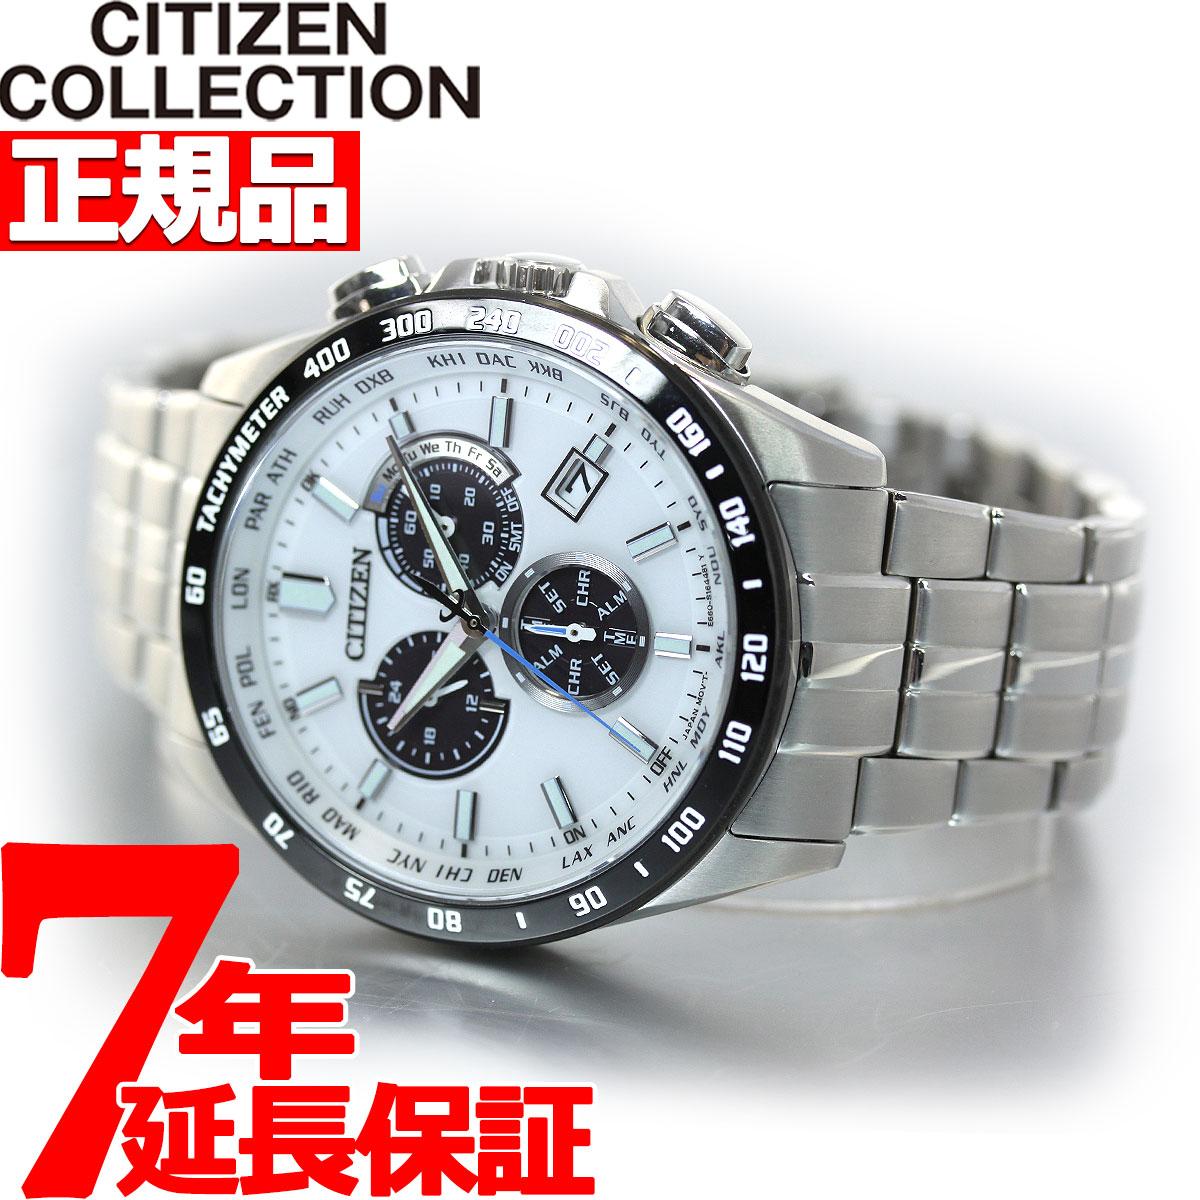 腕時計, メンズ腕時計 2502000OFF60252359 CITIZEN COLLECTION CB5874-90A